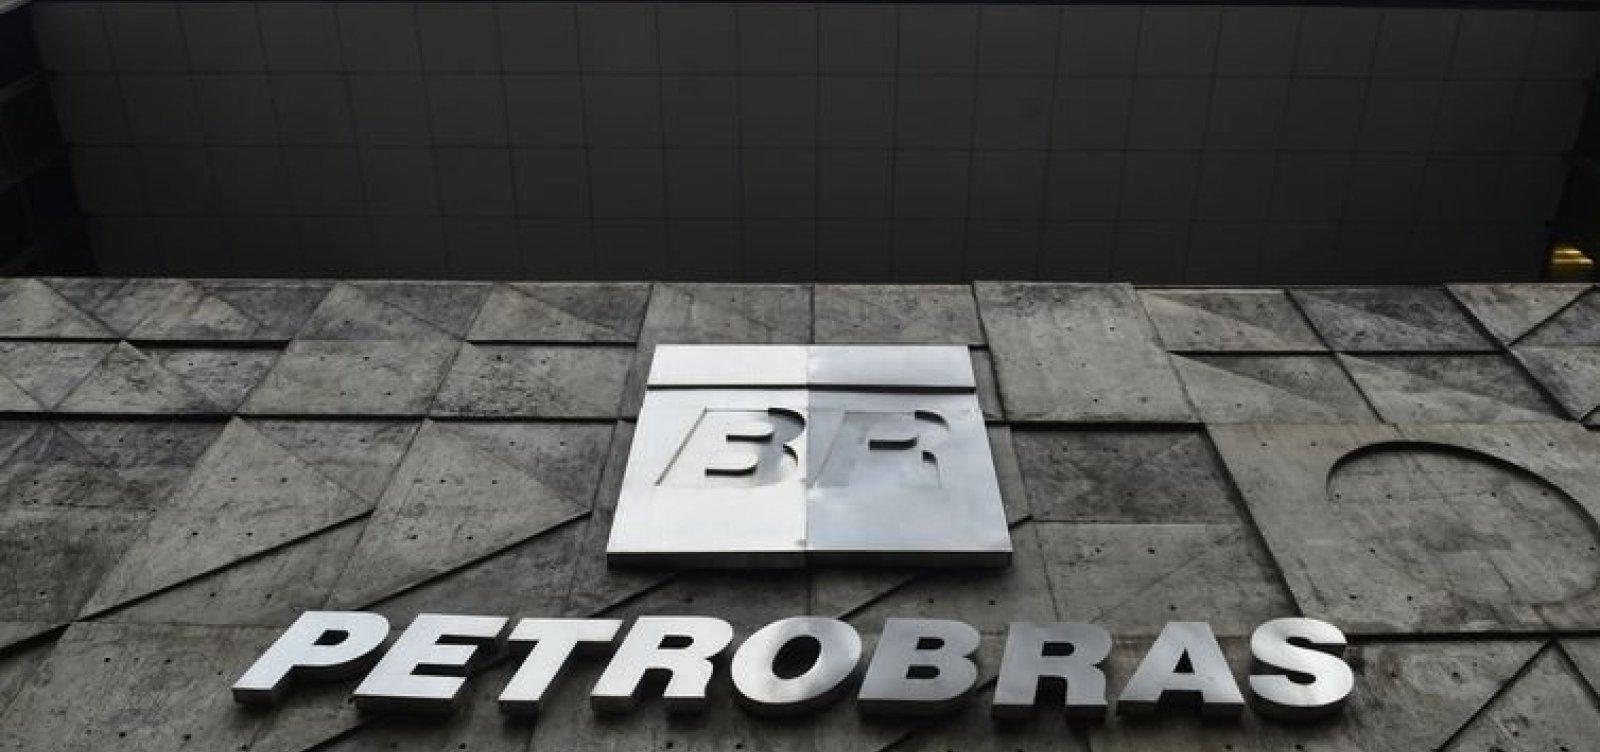 [Petrobras coloca à venda campos terrestres na Bahia]